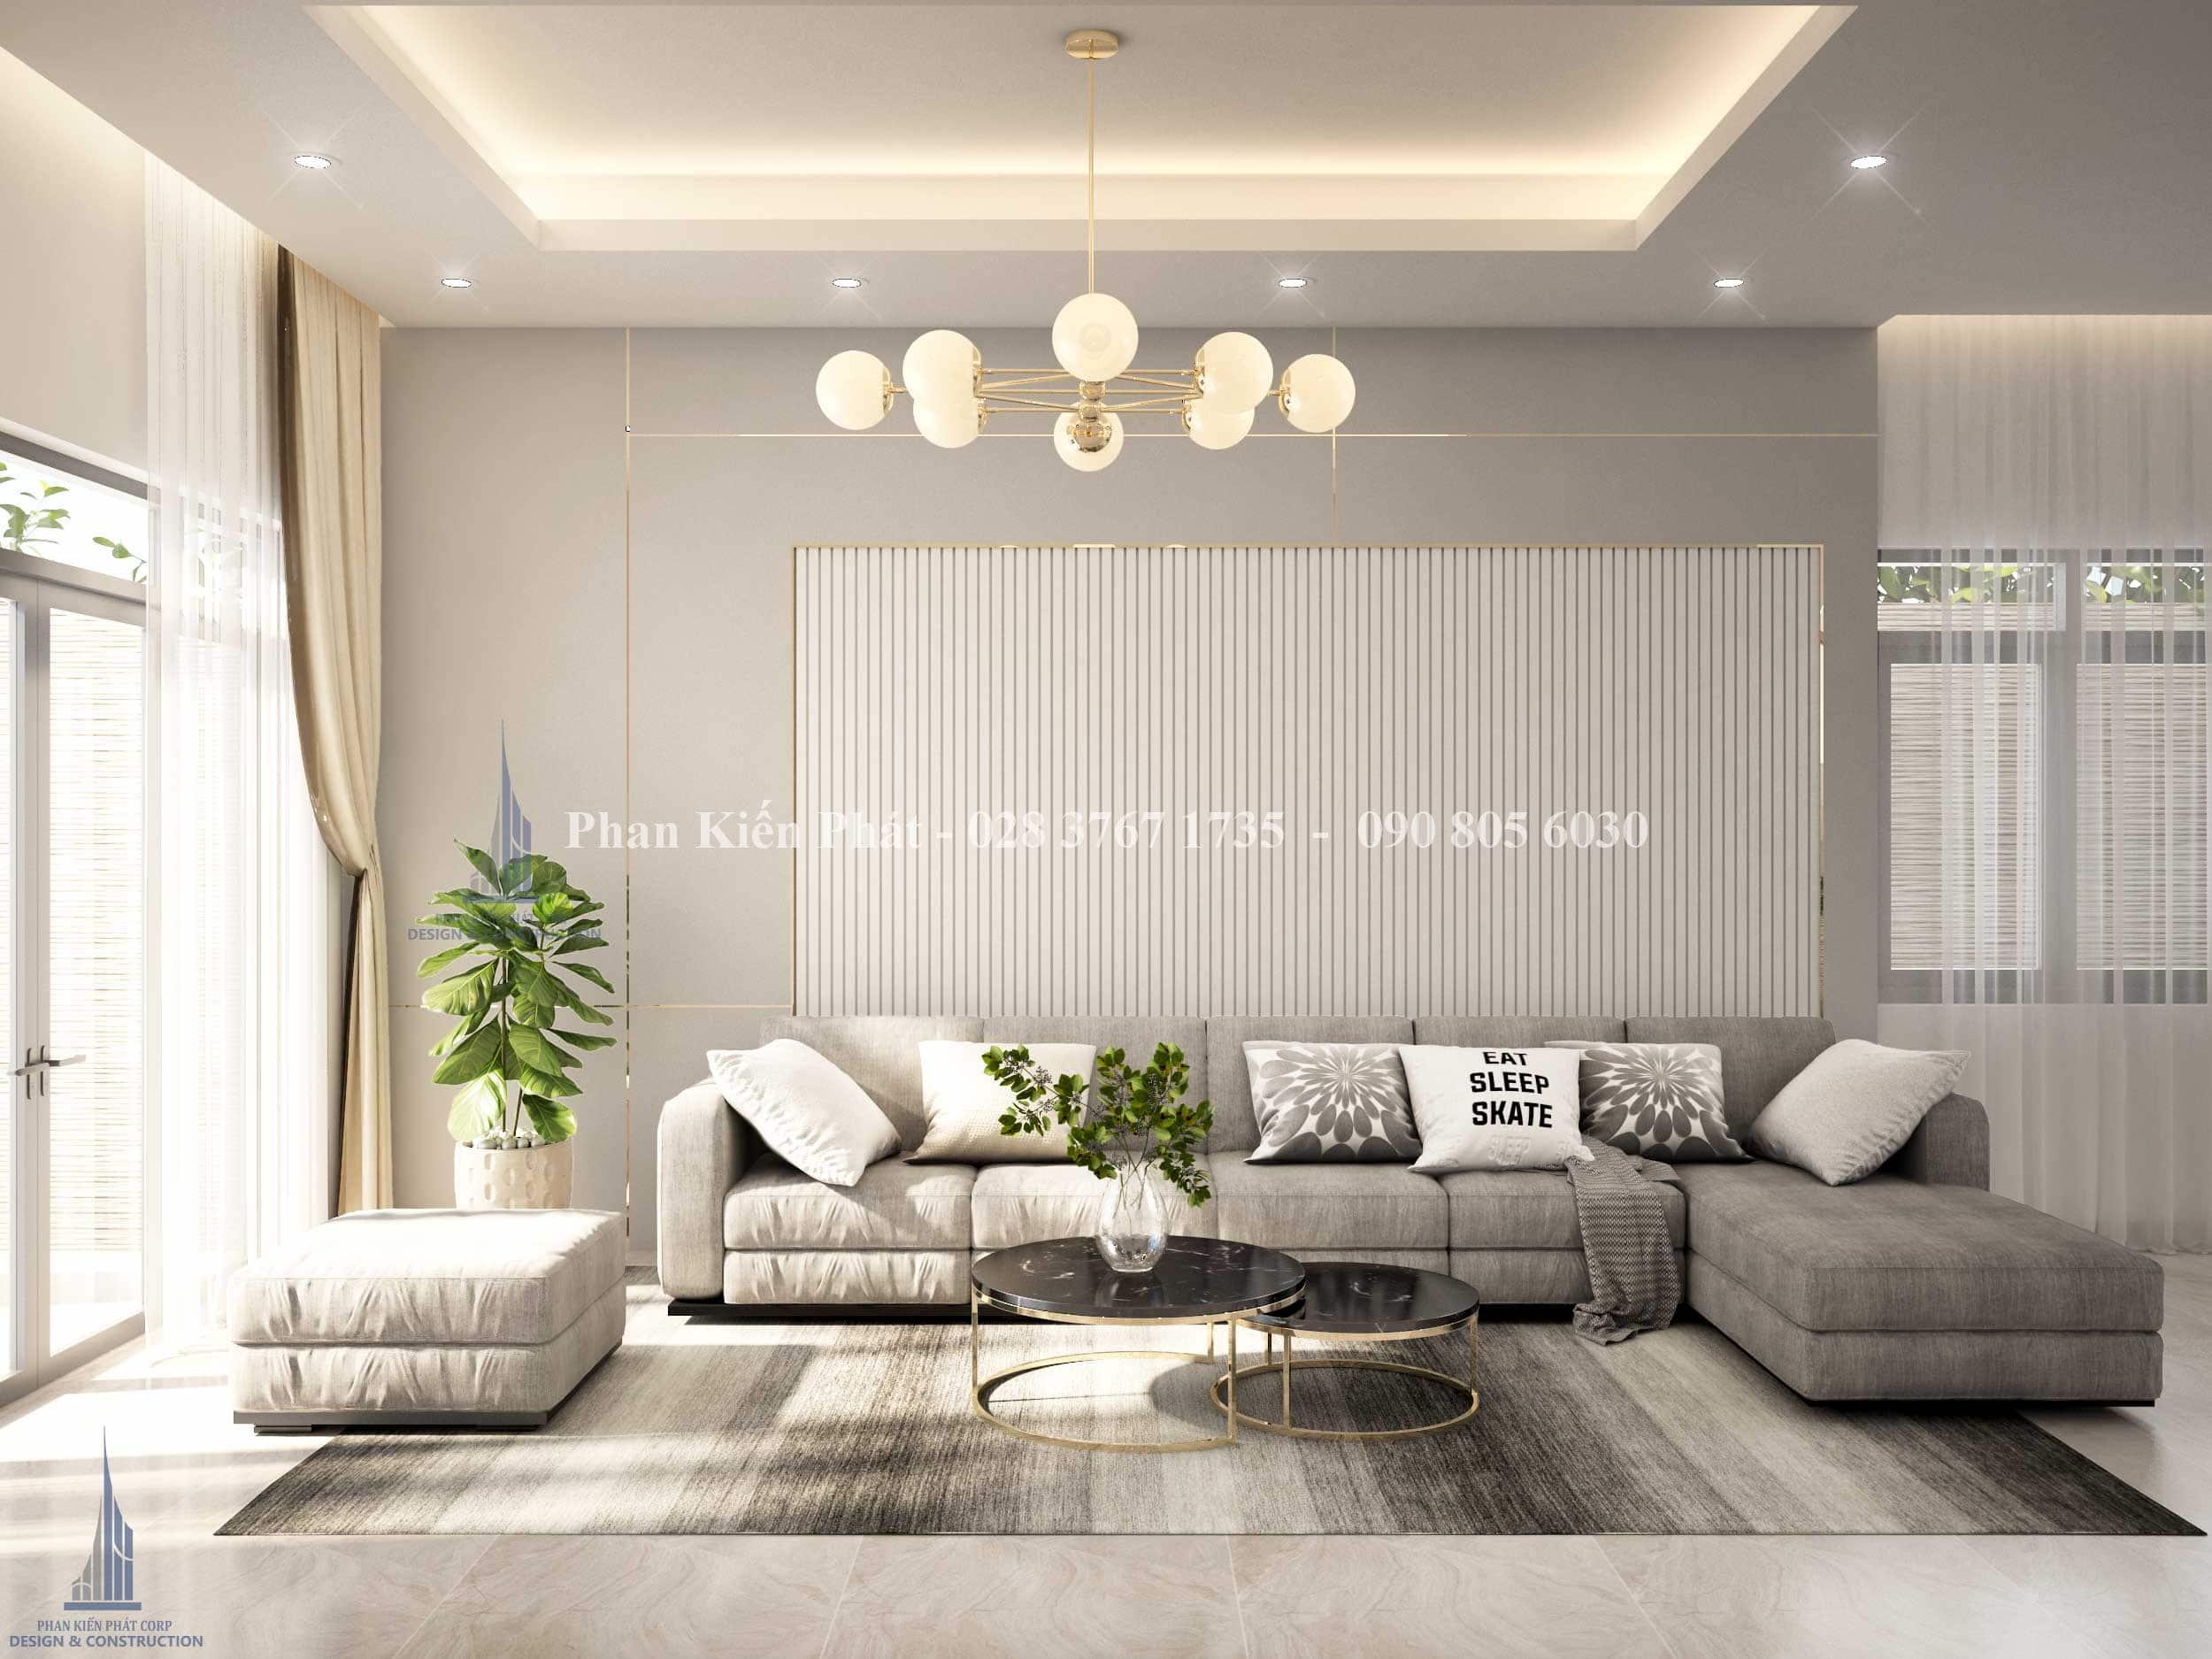 Thiet Ke Noi That Phong Khach Bep Biet Thu View 2 - mẫu biệt thự 3 tầng mái thái